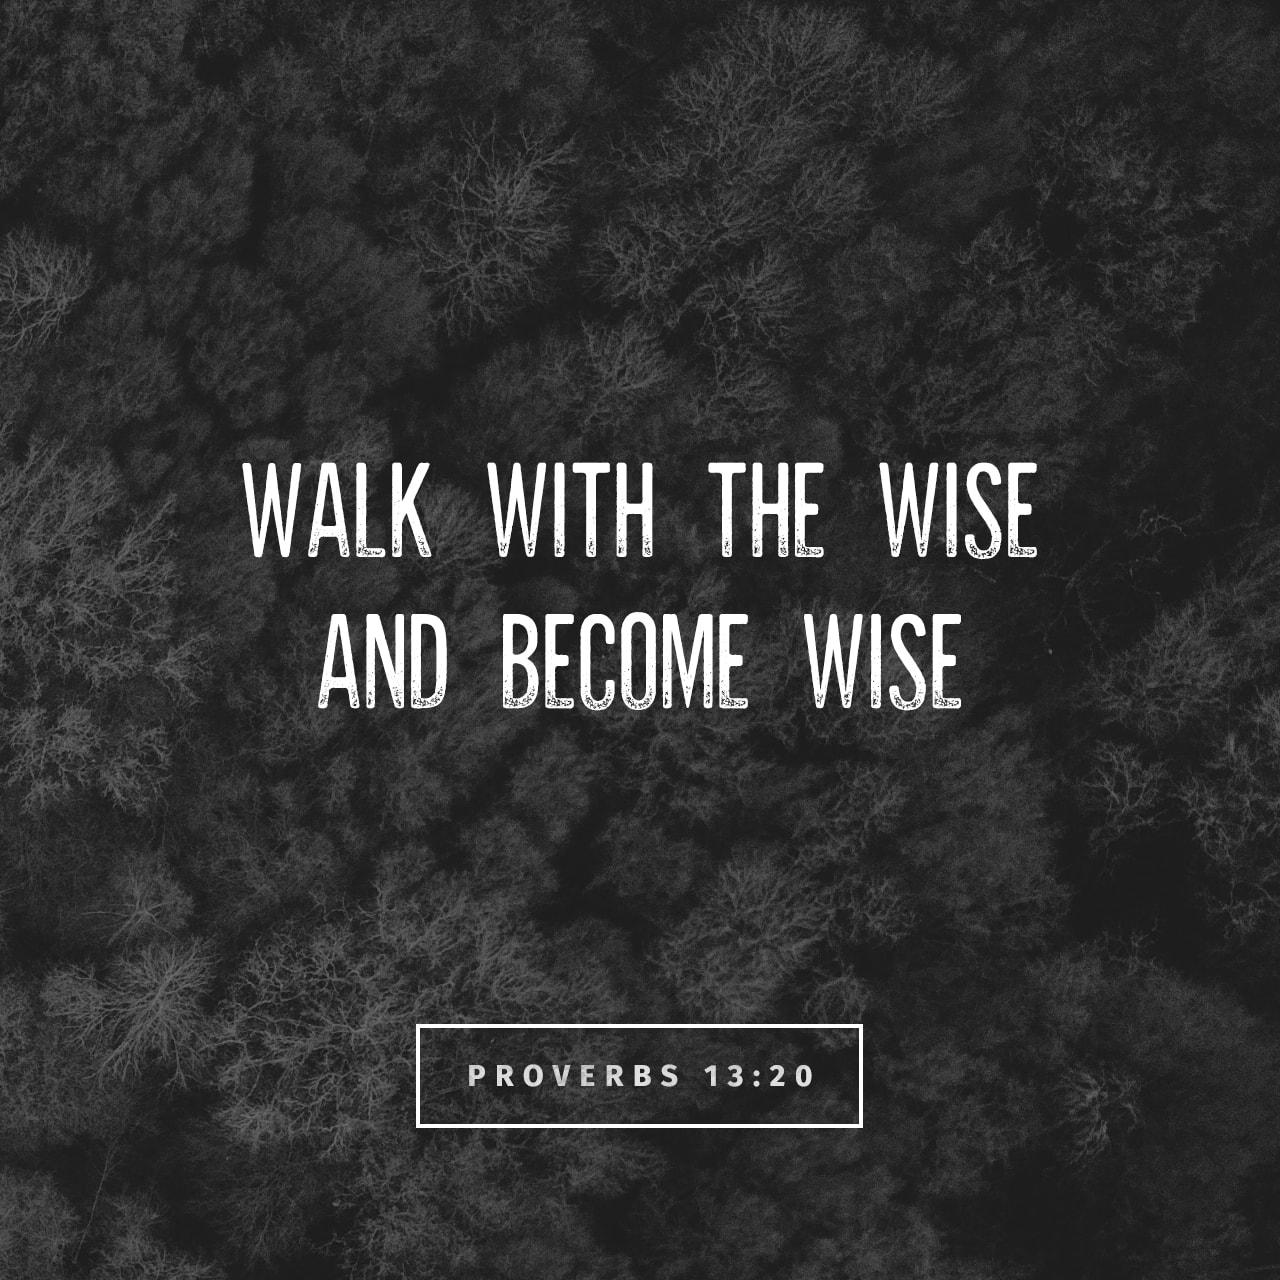 Proverbs 13:20